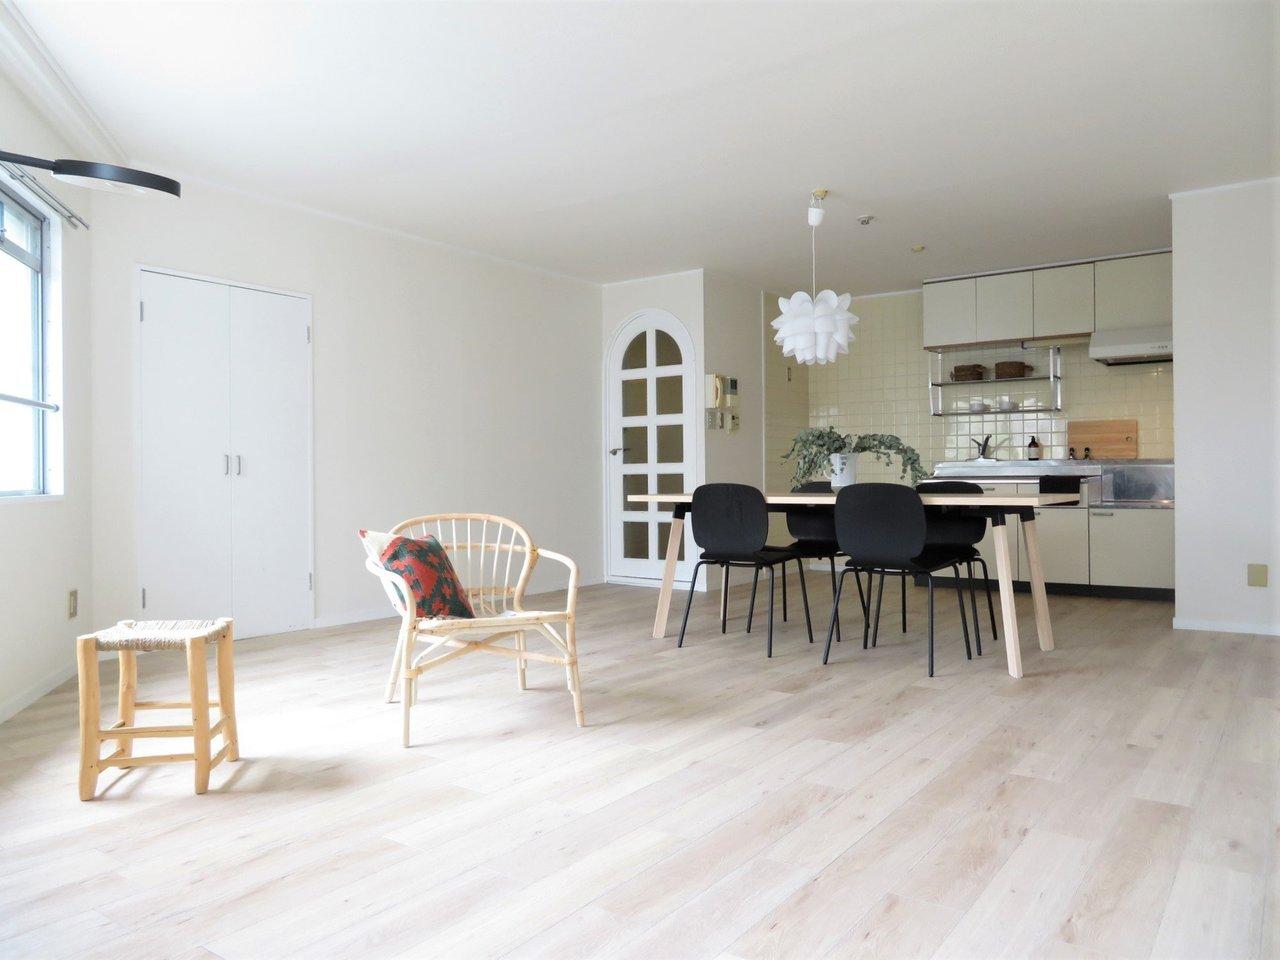 続いてはファミリー向けの2LDKのお部屋。リビングは2面採光のため、とっても明るく感じられ、18畳の広さがあります。家族みんなで住んでも広々と暮らせそう。しかも写真に載っている家具はプレゼントされるものなんです!